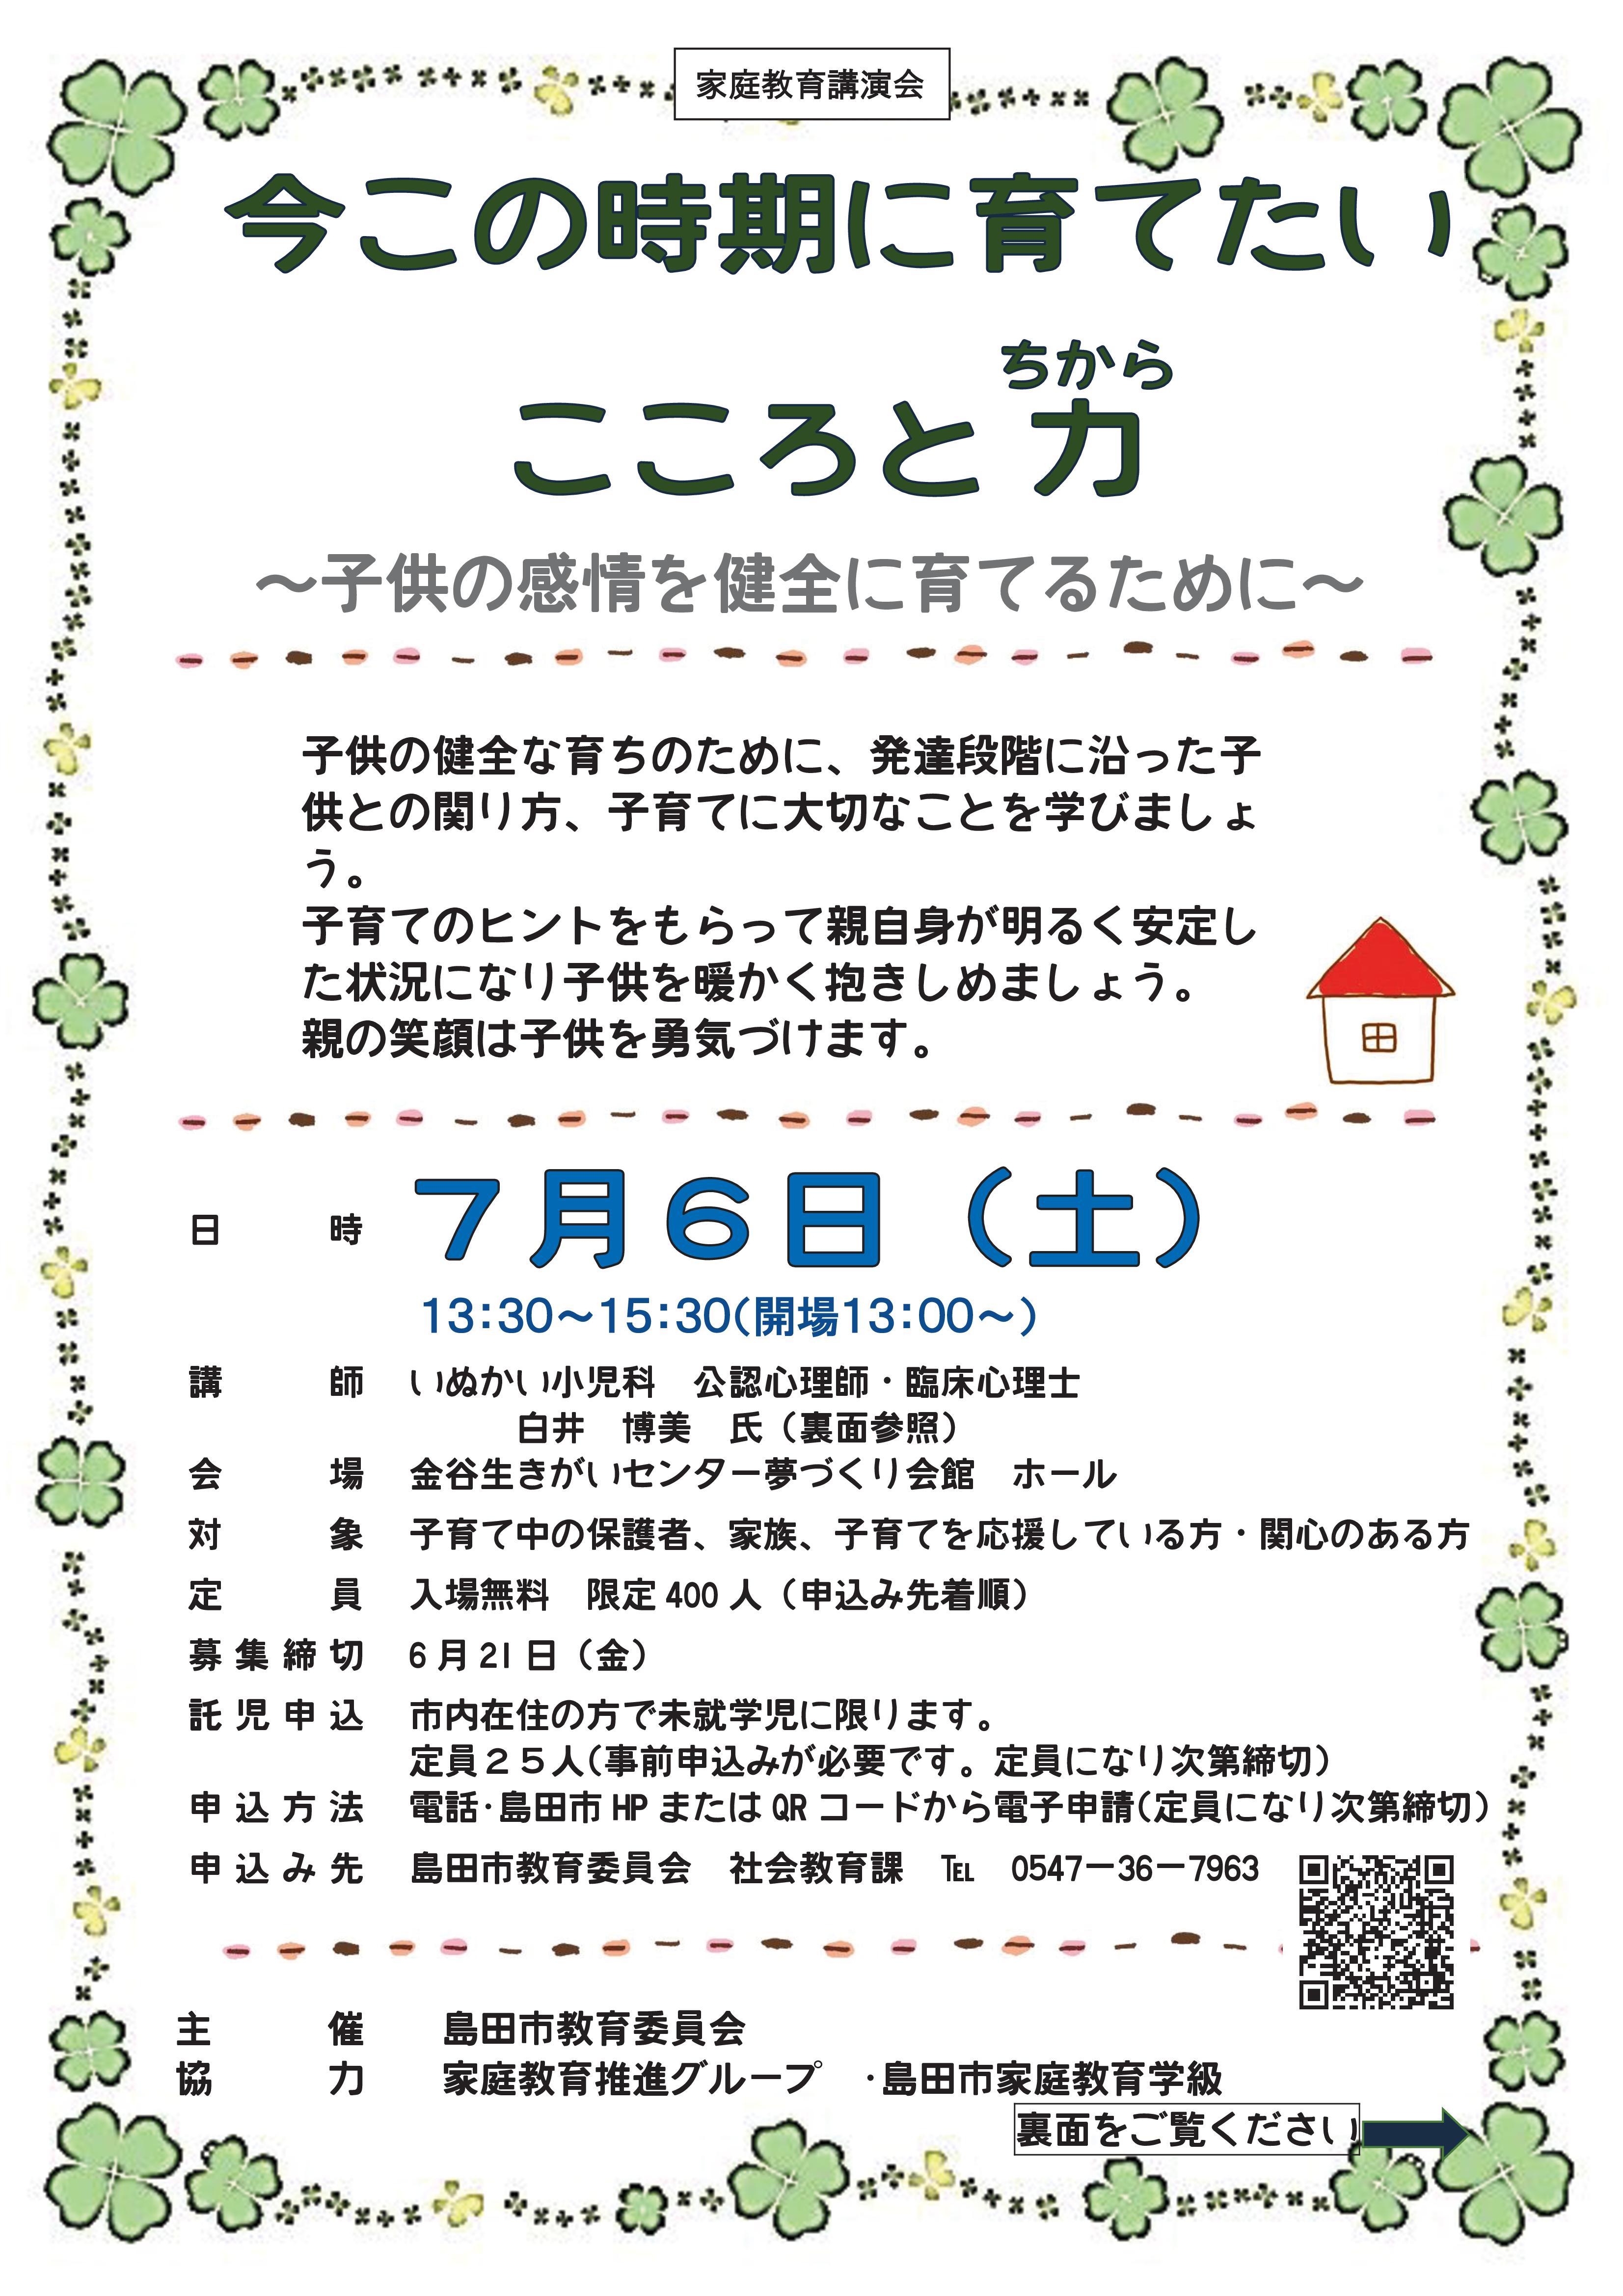 31講演会ちらし(一般用)おもて_